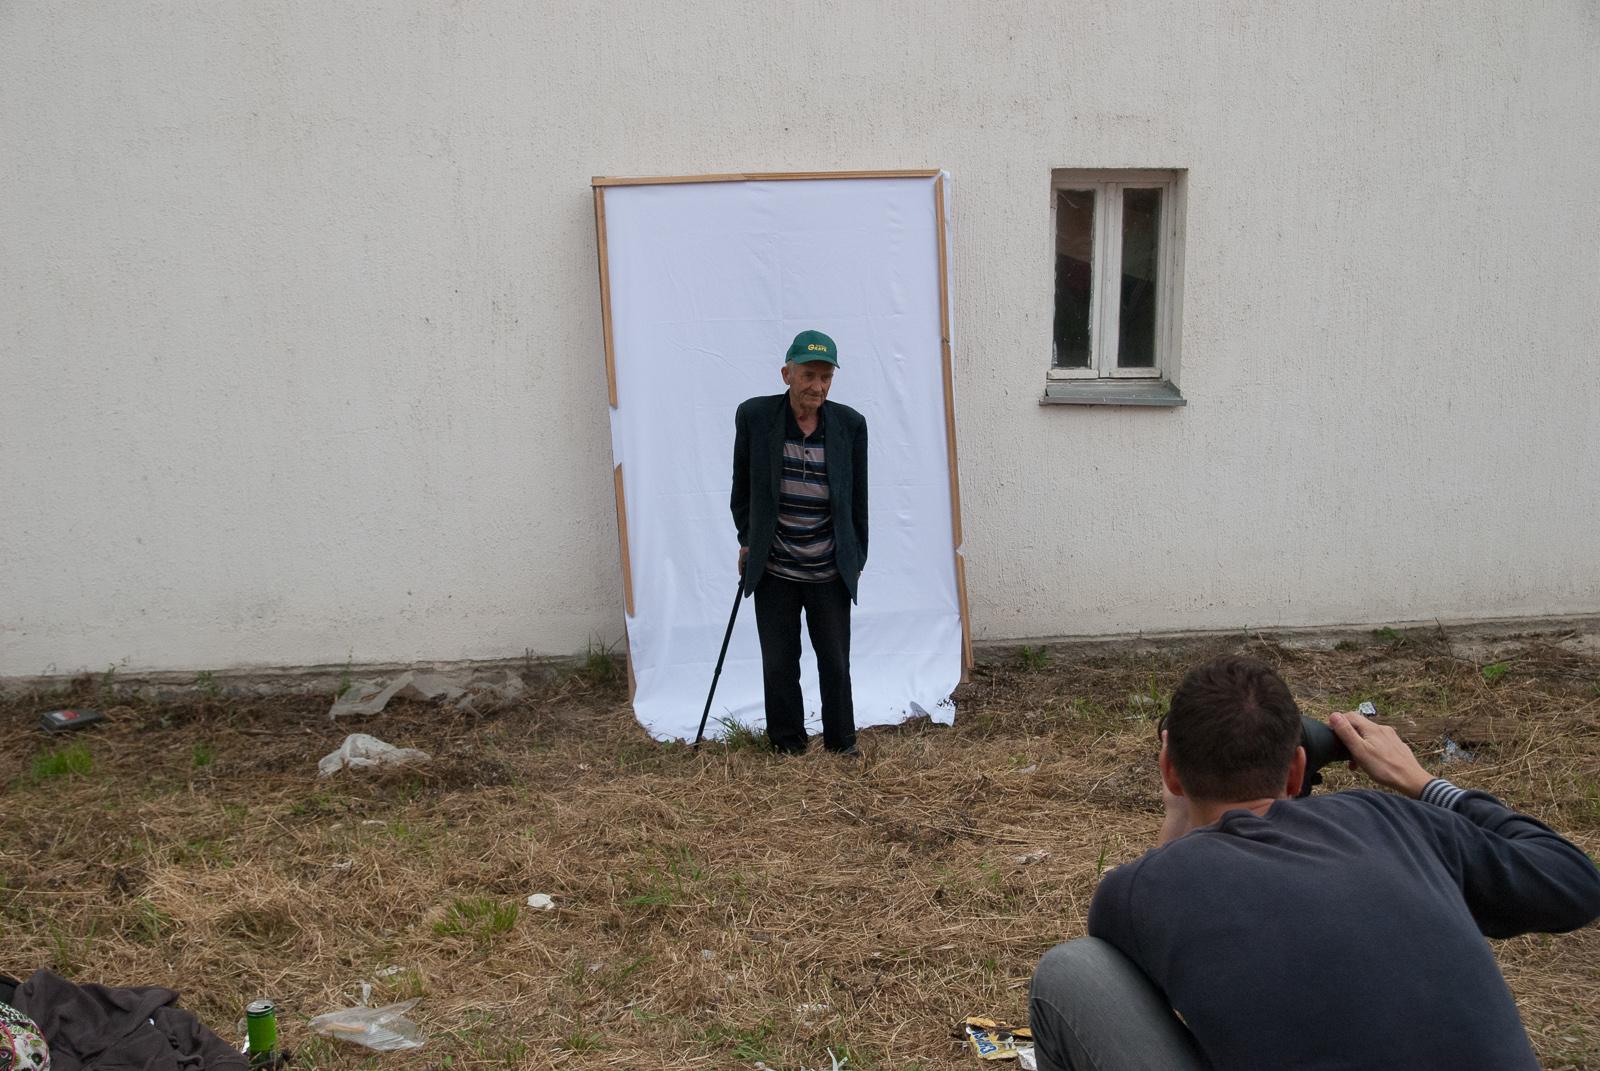 foto-Darko-Stanimirovic-kamenica-portreti-doku-0140